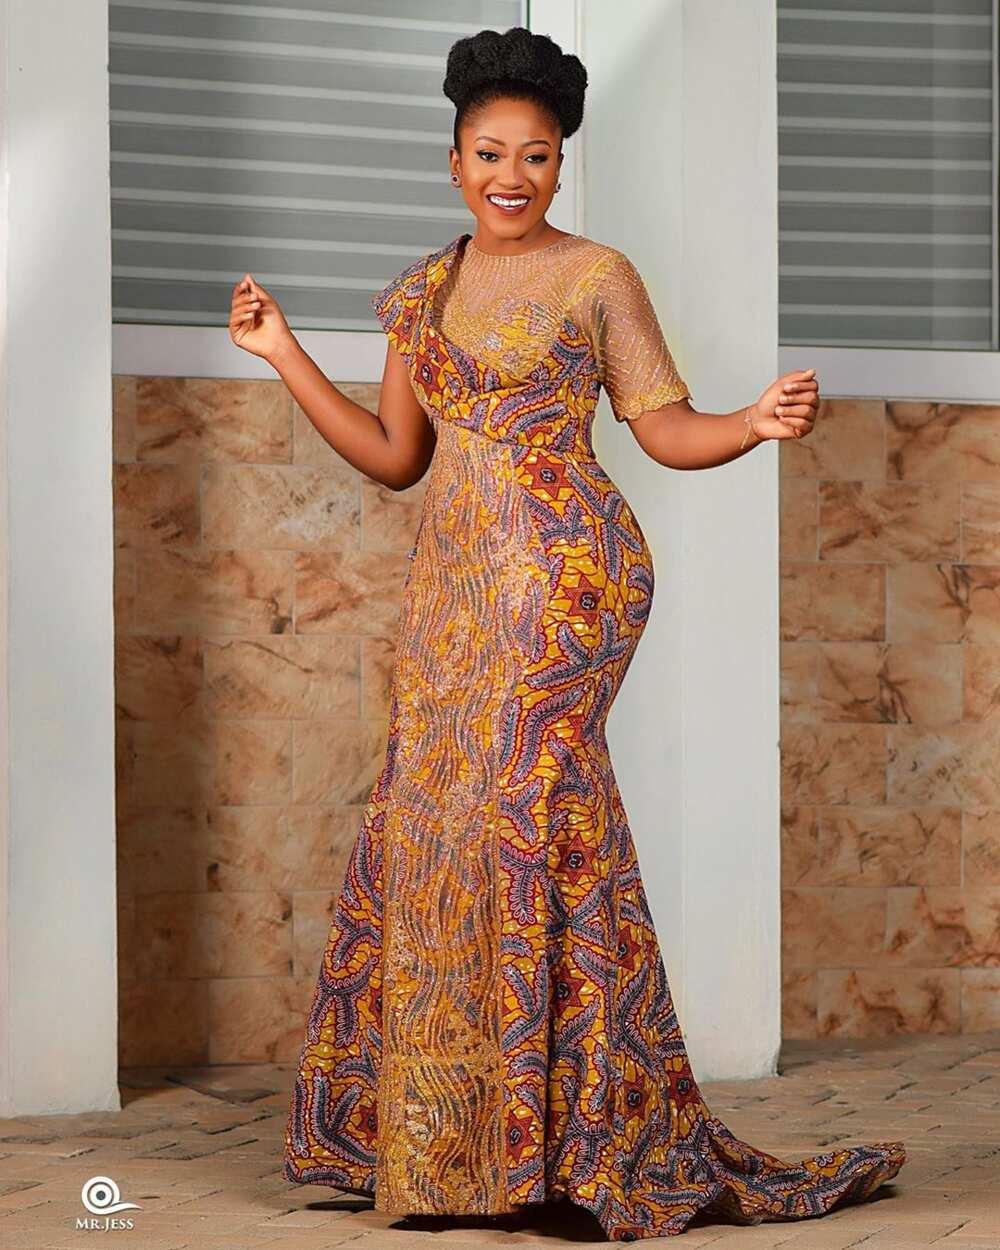 Anita Akufo